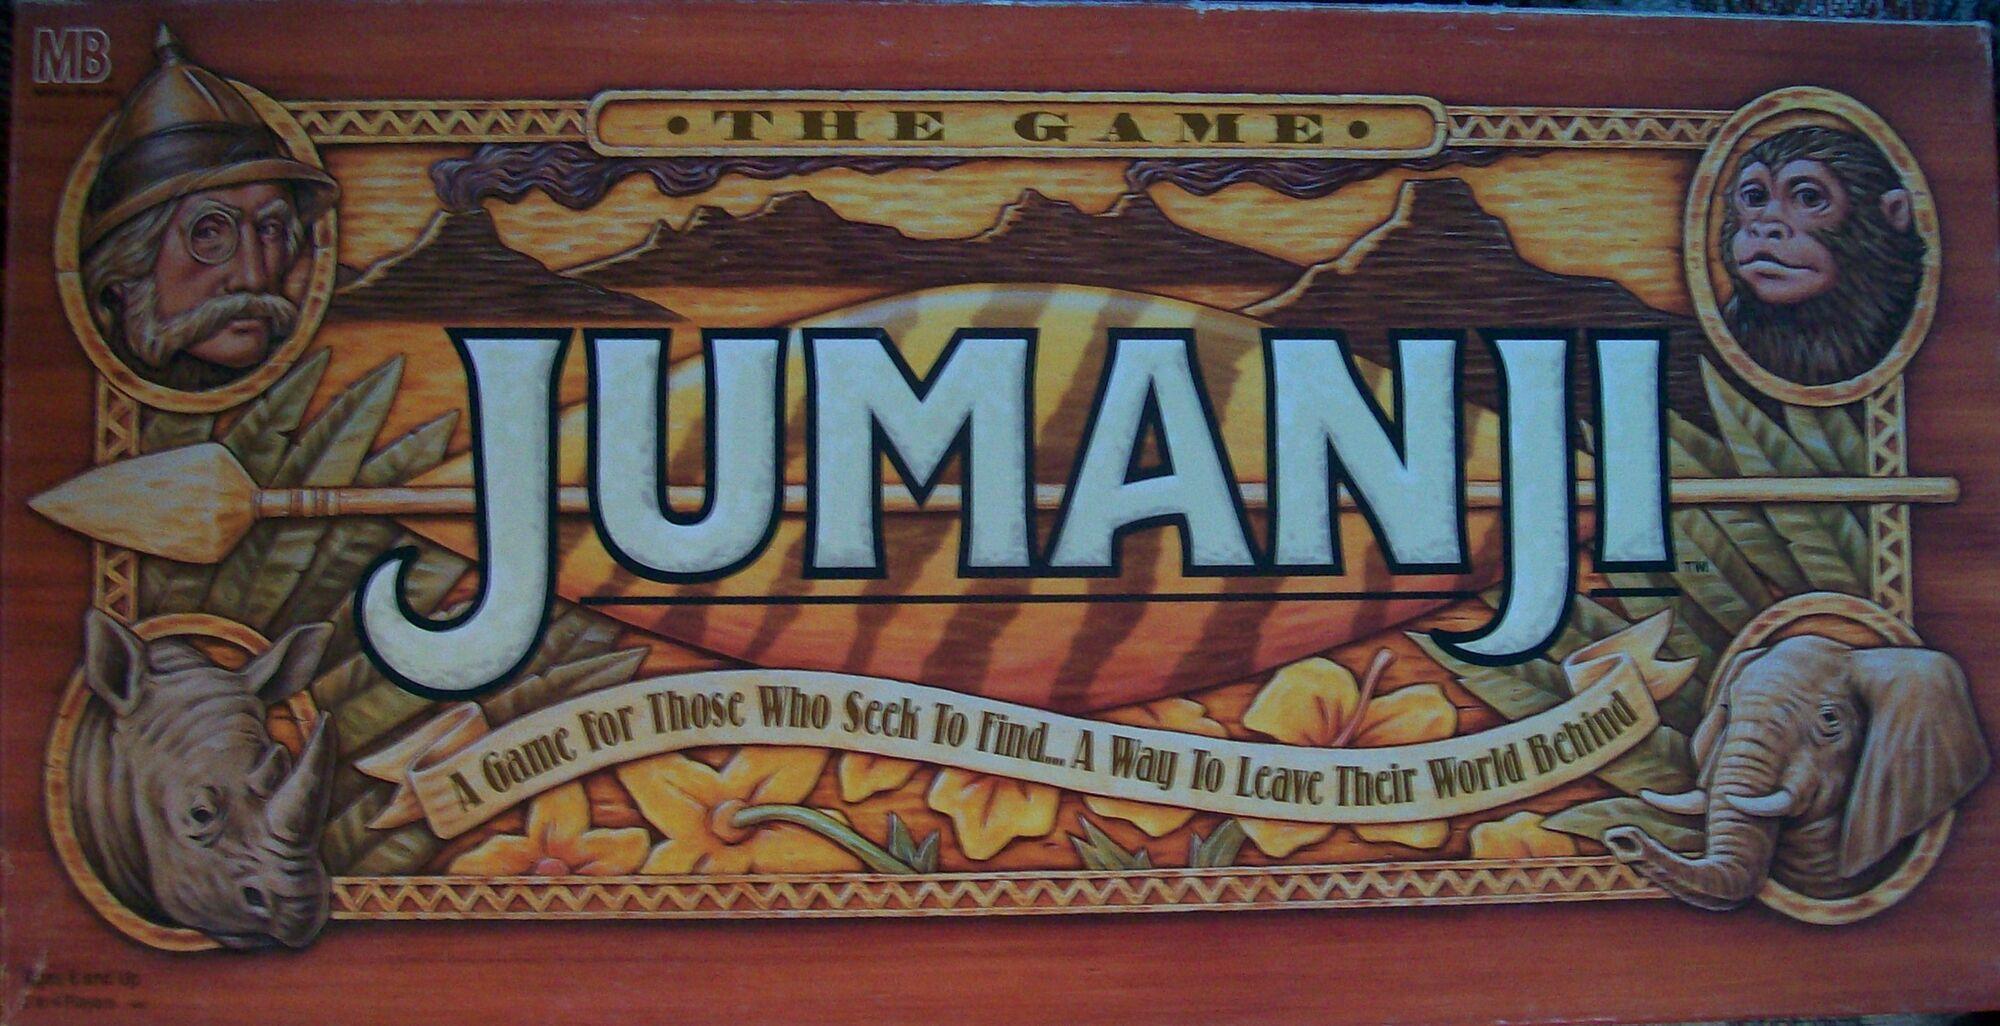 Jumanji Milton Bradley Board Game Jumanji Wiki Fandom Powered